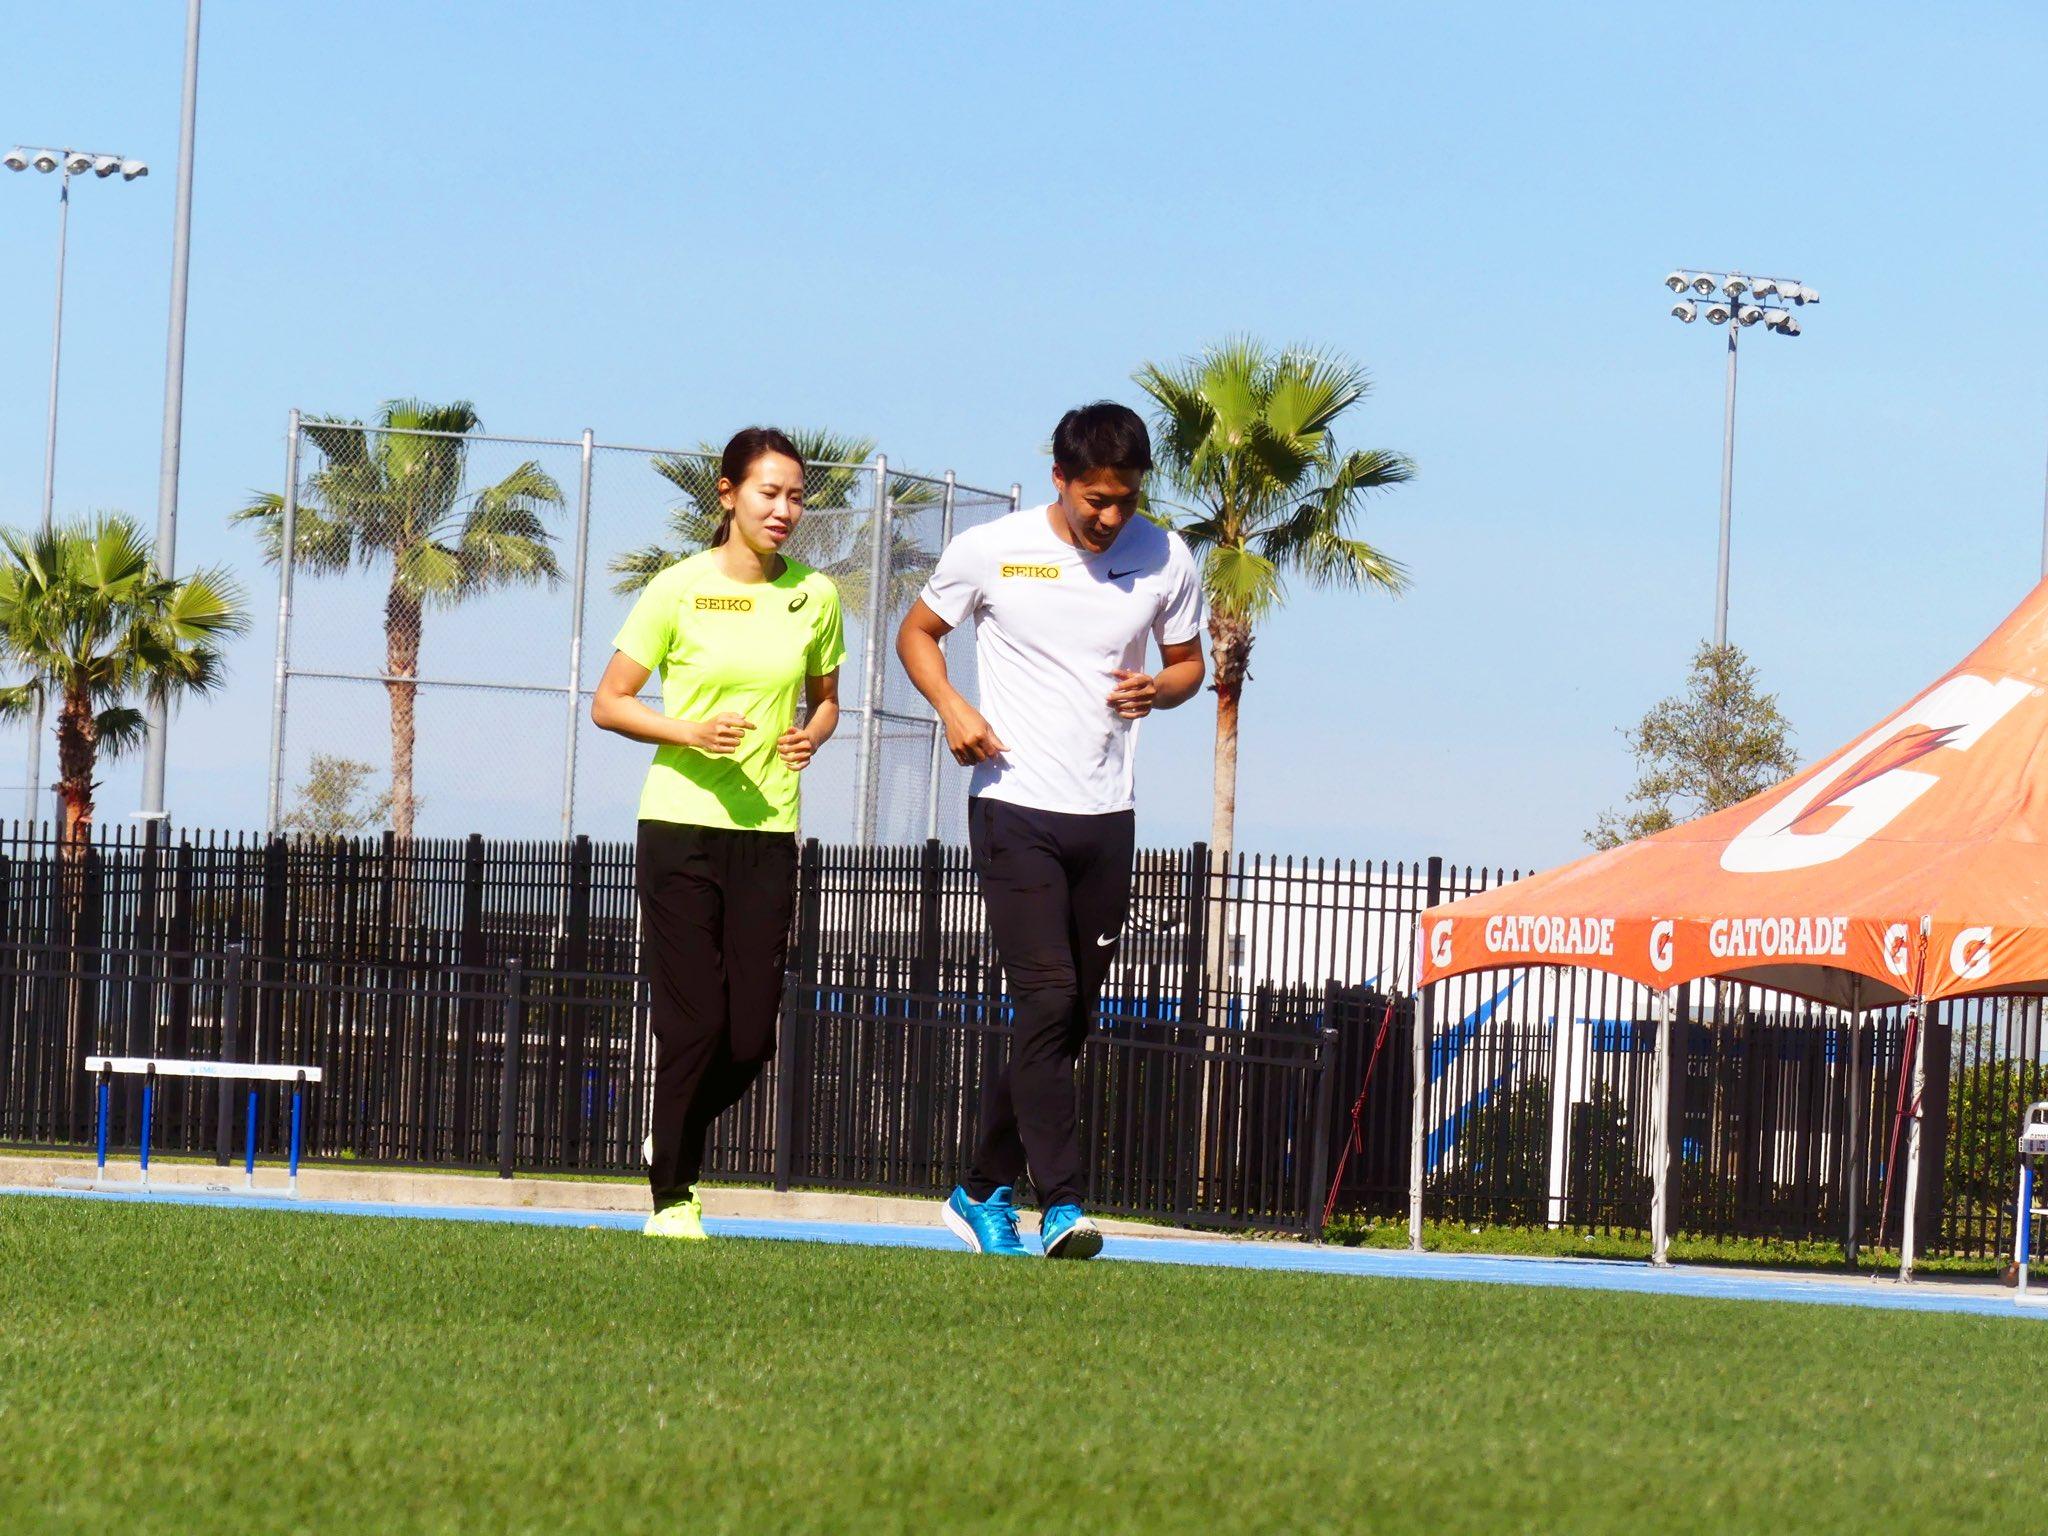 山縣亮太と福島千里が一緒に走っている画像